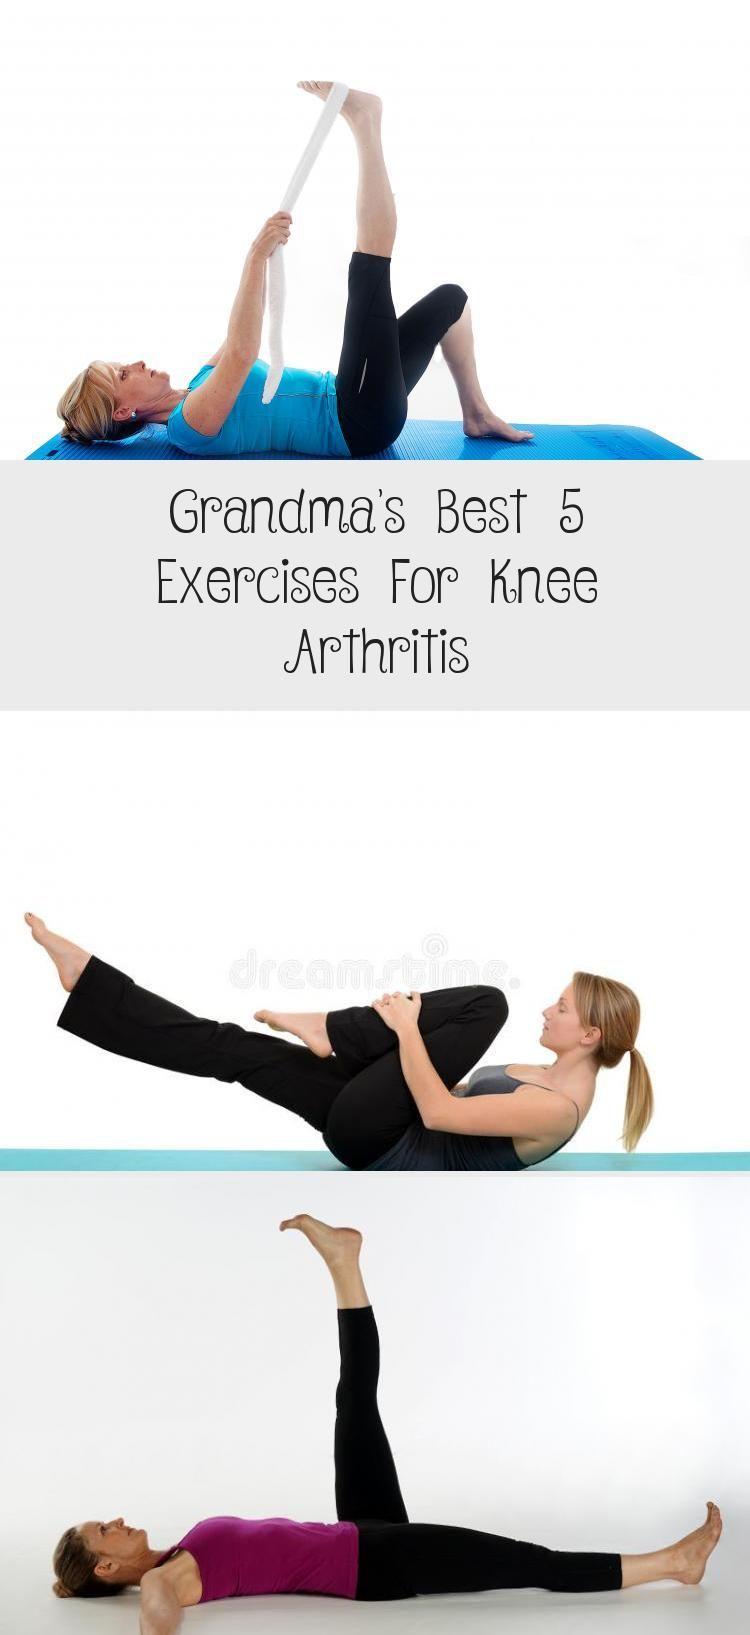 Grandma's Best 5 Exercises For Knee Arthritis #knee #arthritis #exercises #fitness #FoodandDrinkExer...